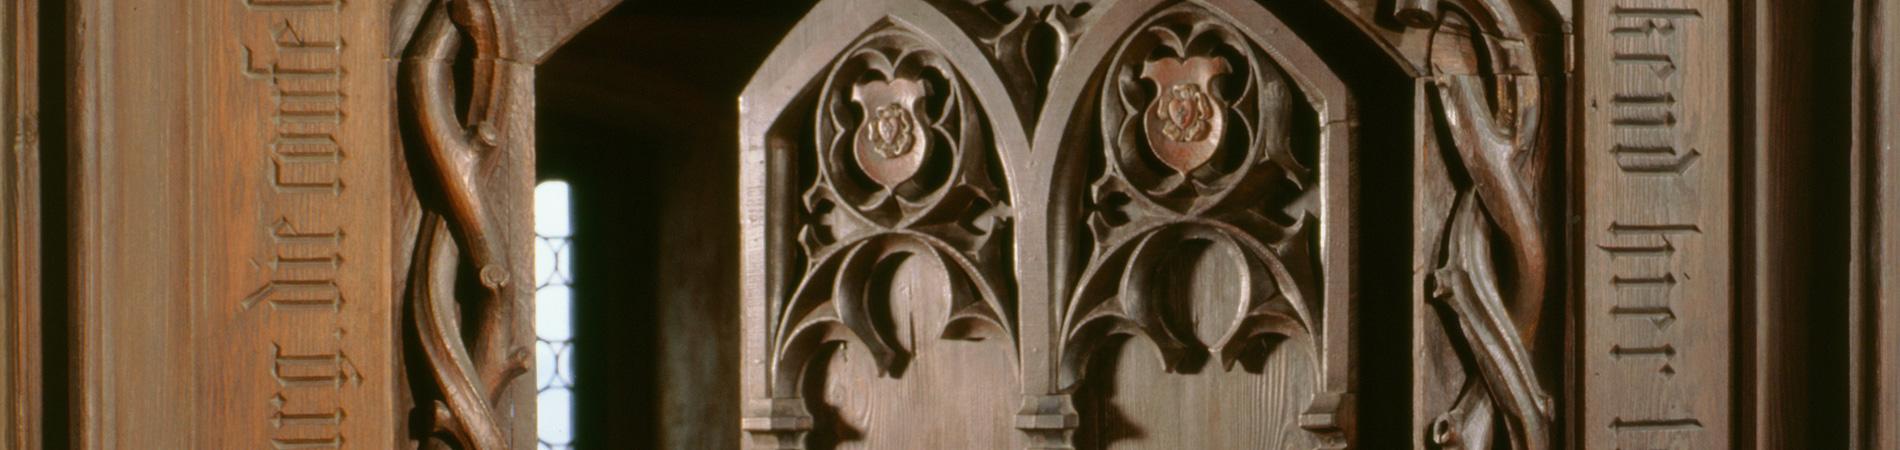 Tür zu den Lutherzimmern der Veste Coburg